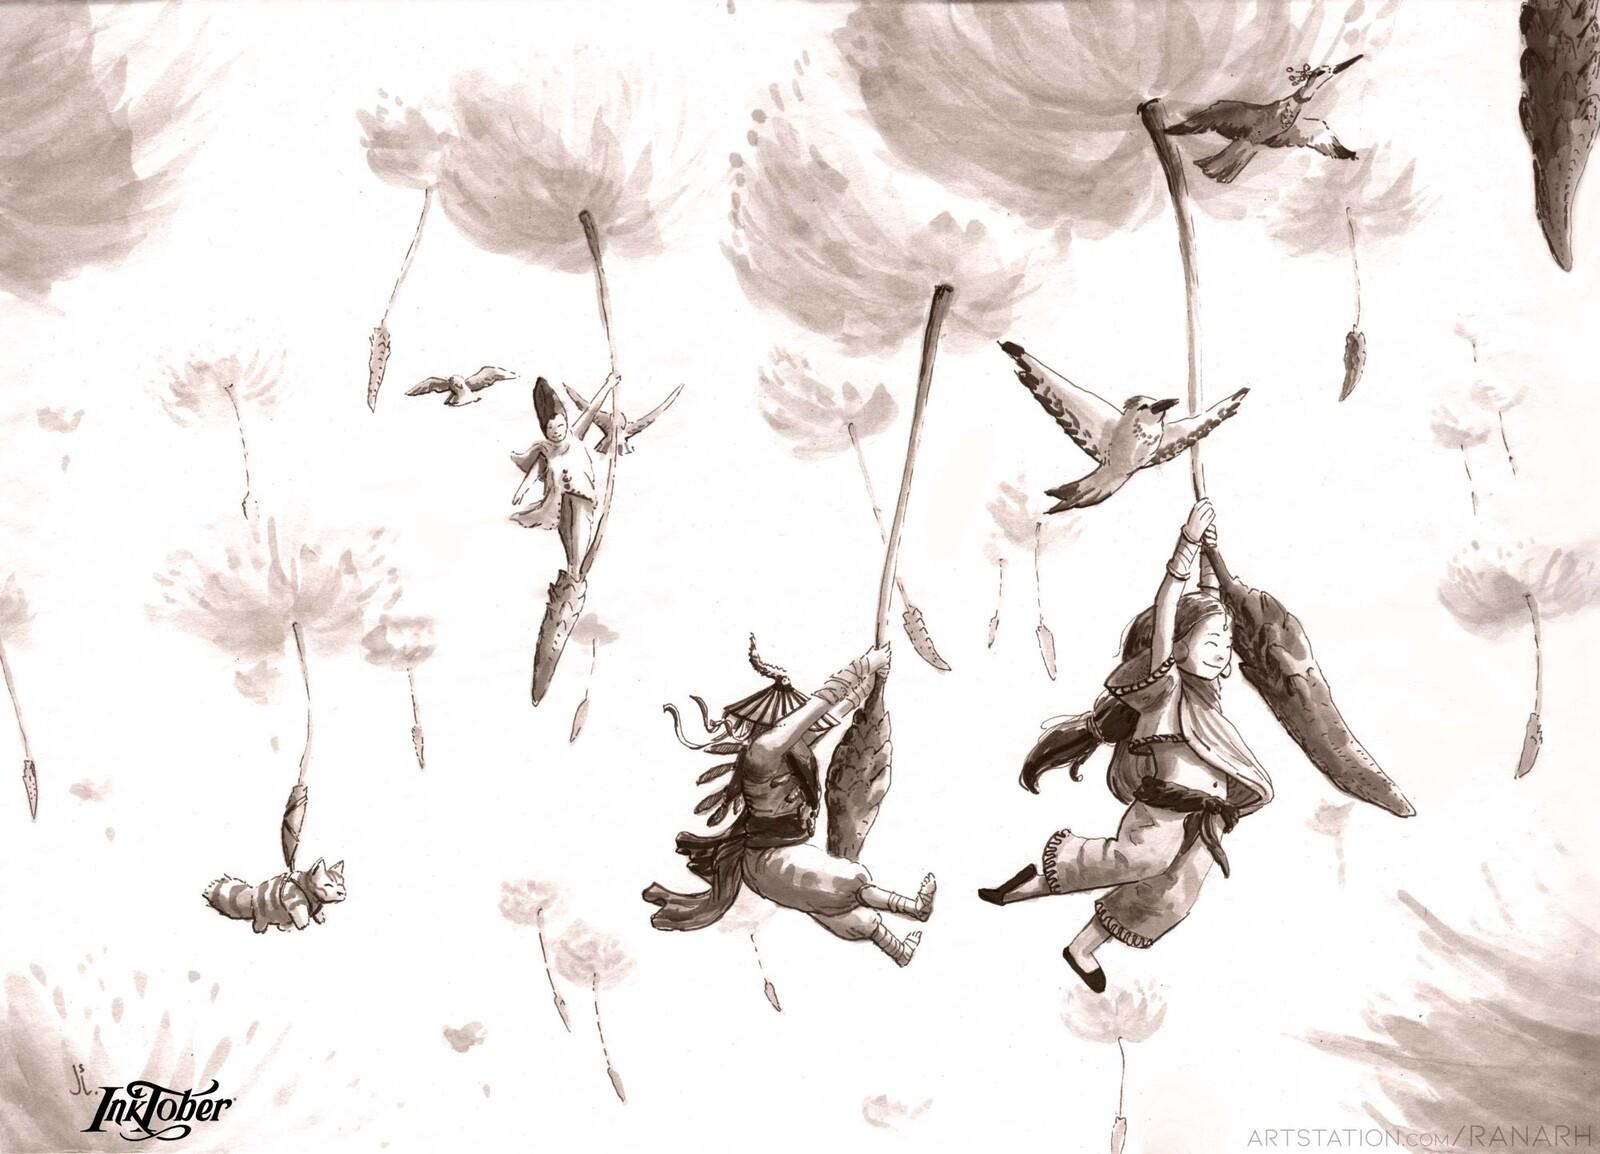 2. Wisp Dandelion Flyers